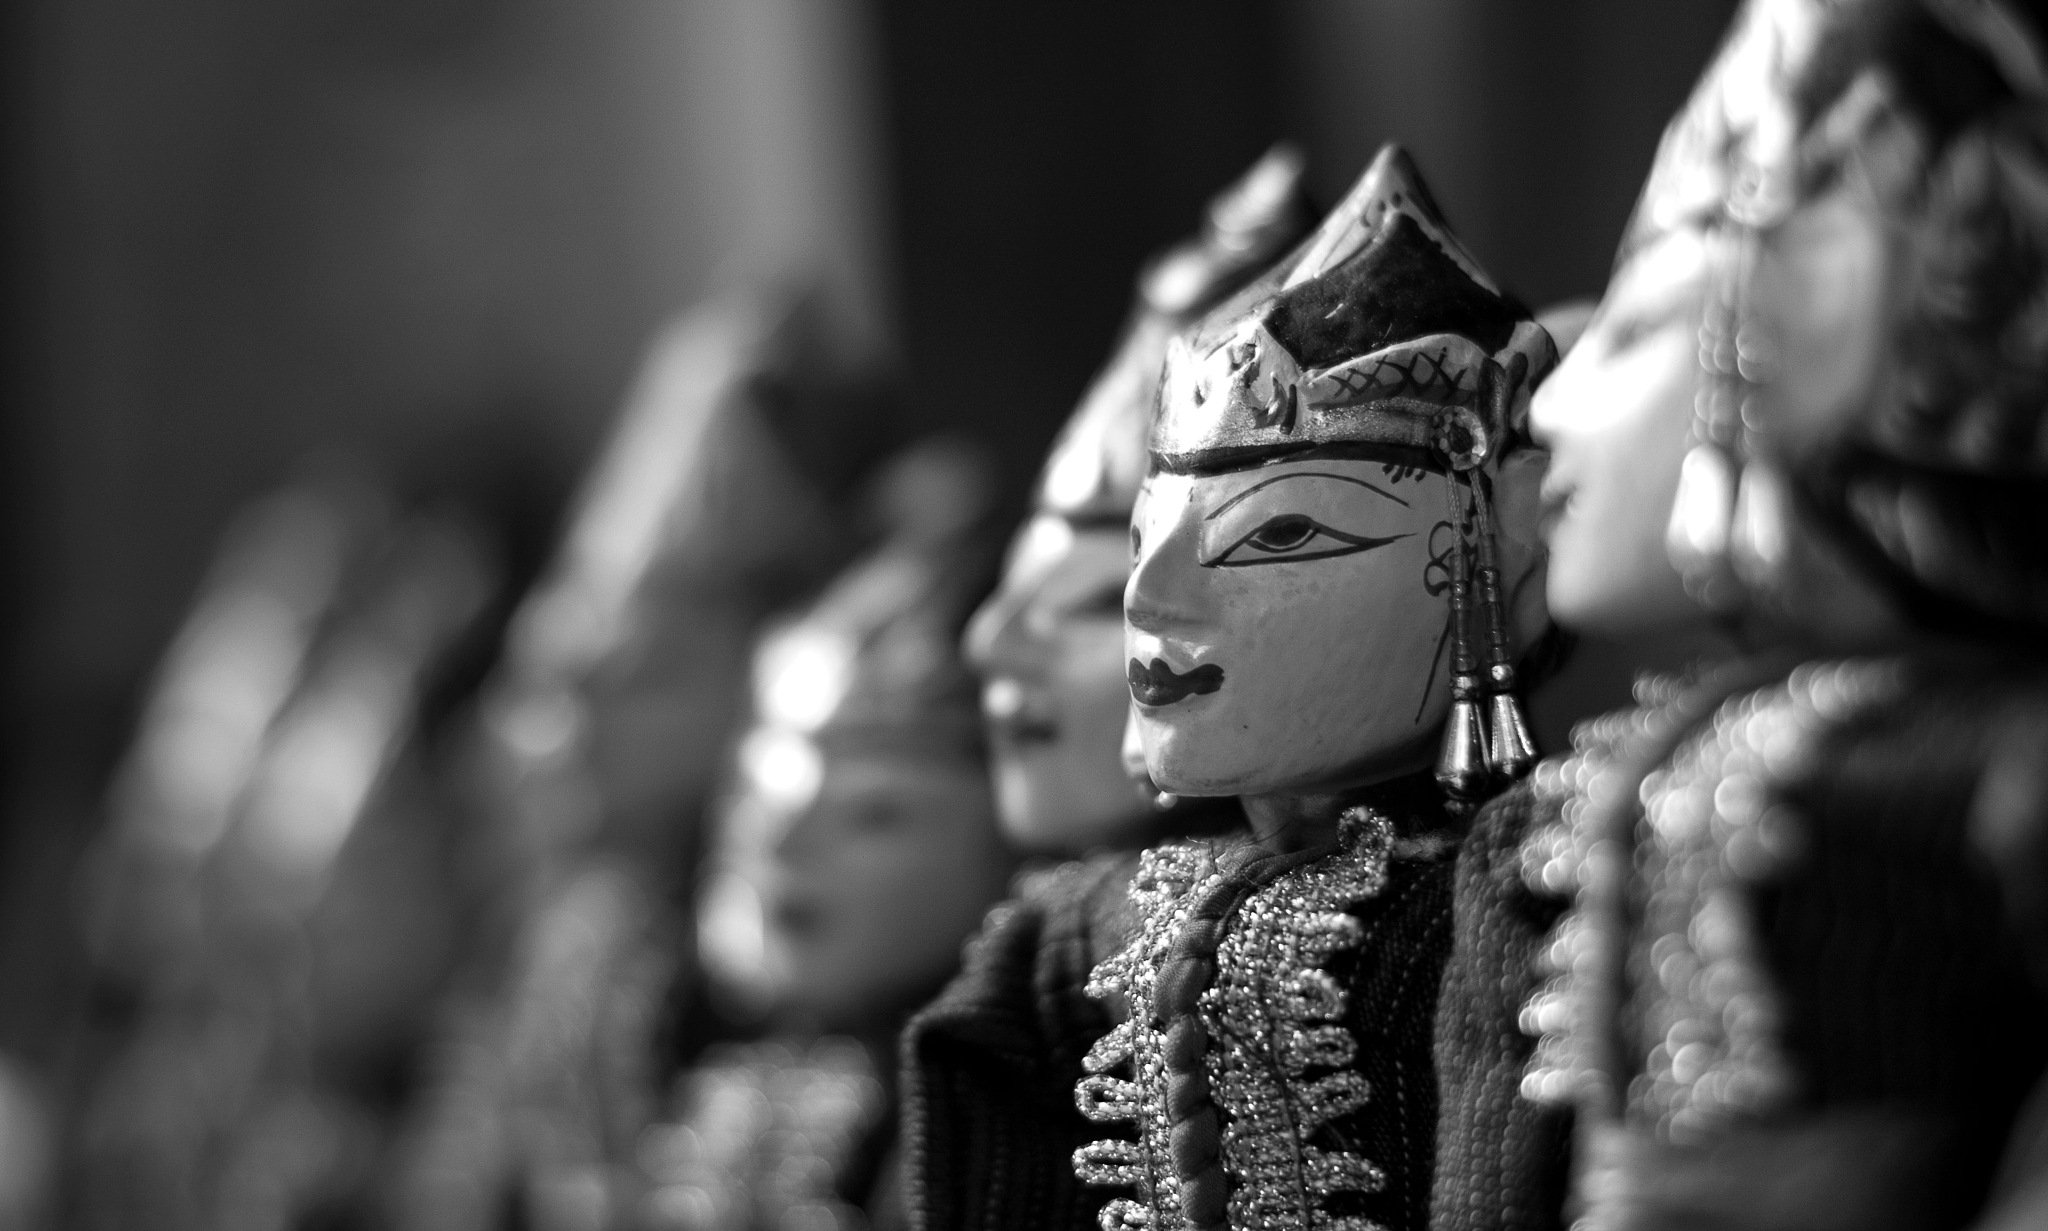 Bali spirit by Ineke Vroom